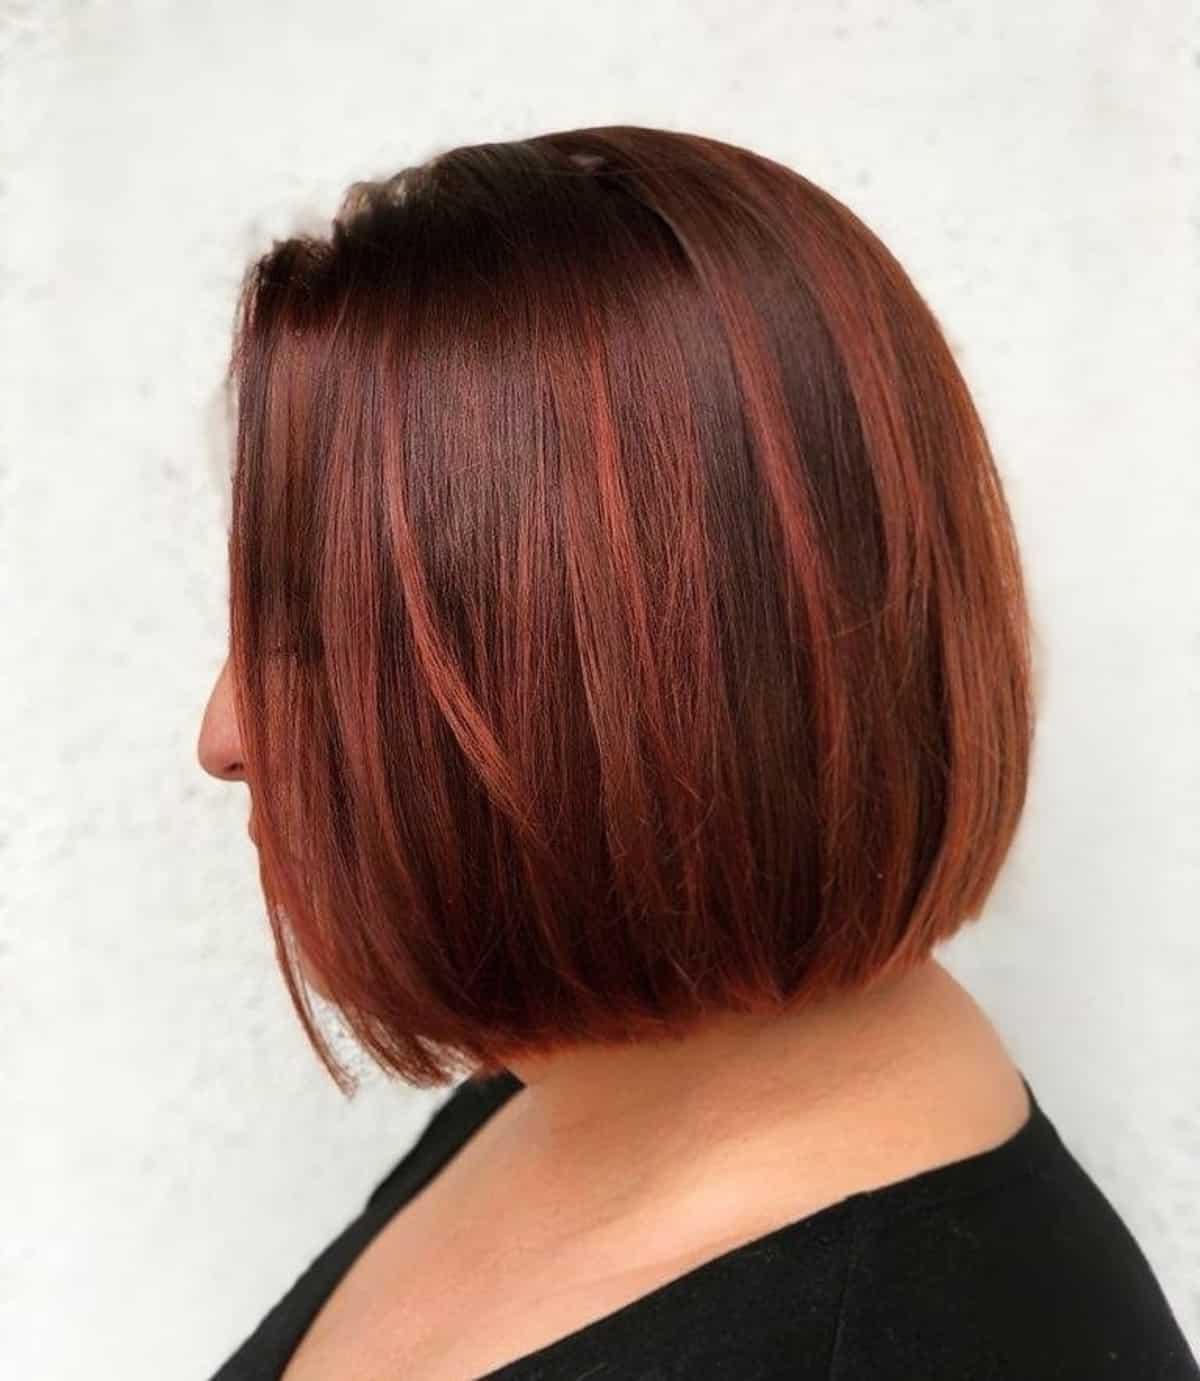 Cheveux roux et marron foncé avec des mèches